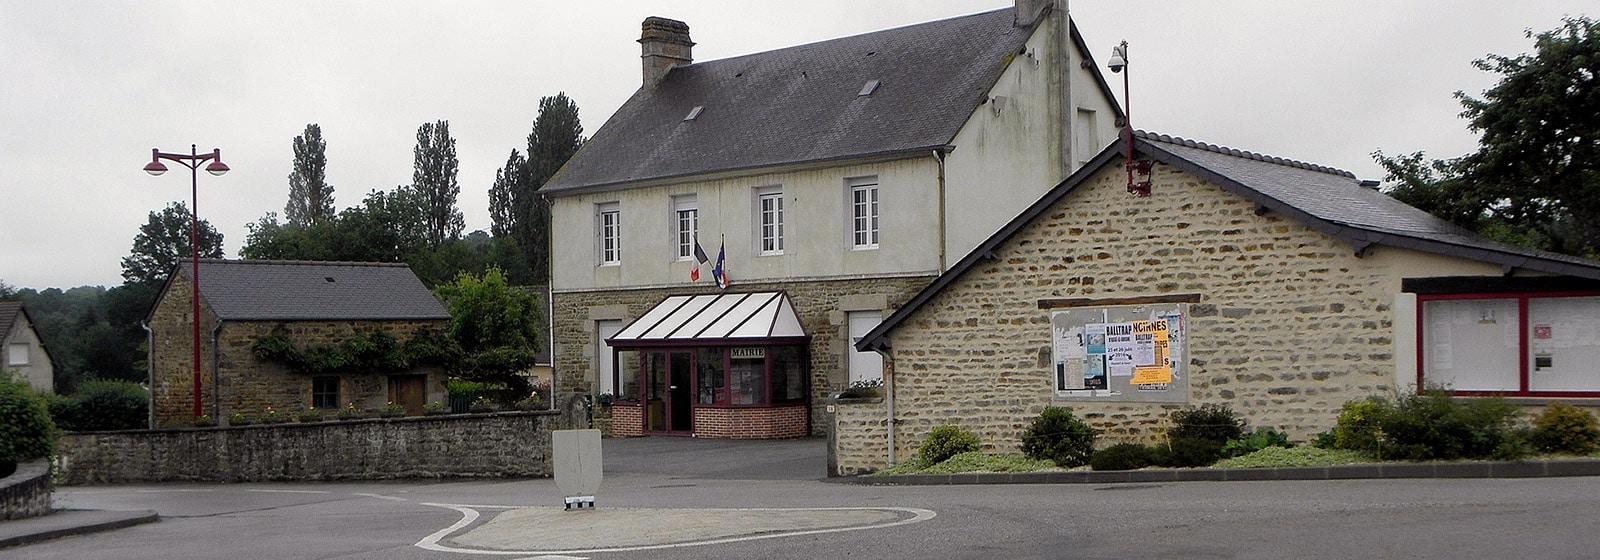 La Ferrière-Bochard